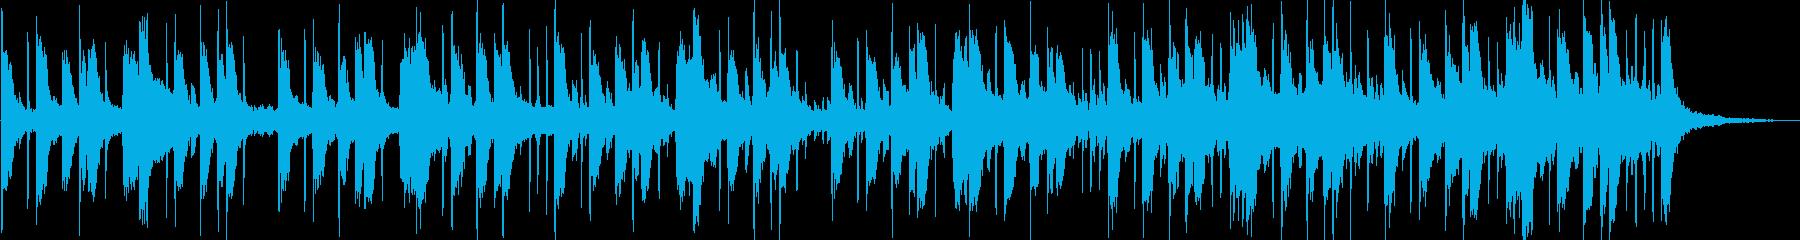 クールなサイバーBGMの再生済みの波形